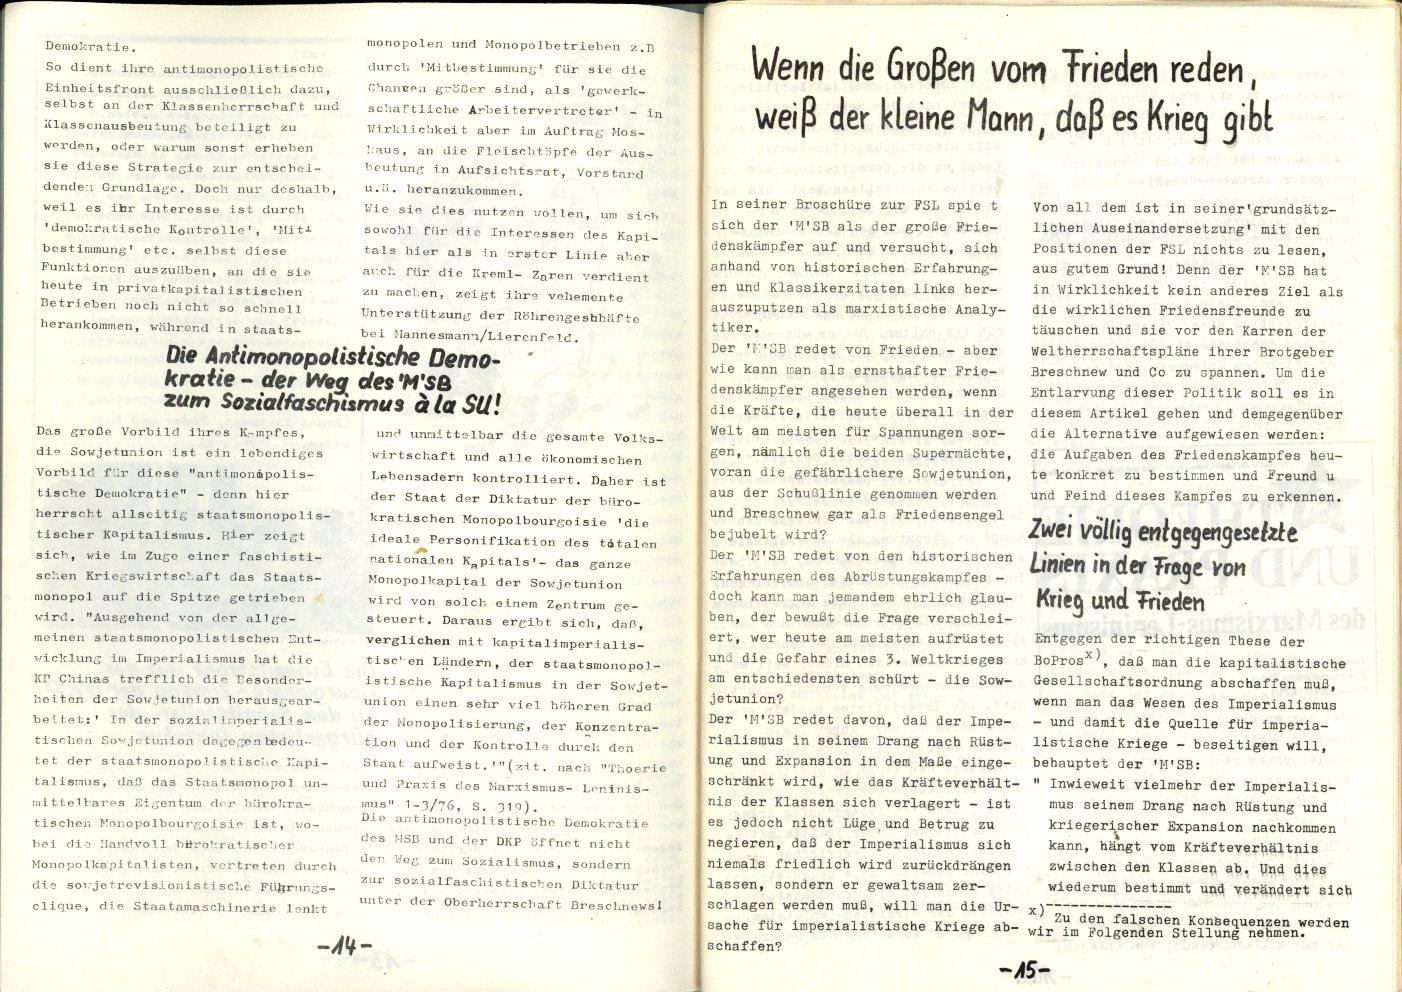 NRW_KSV_1977_Doku_zu_den_AStA_Wahlen_Nr_2_08